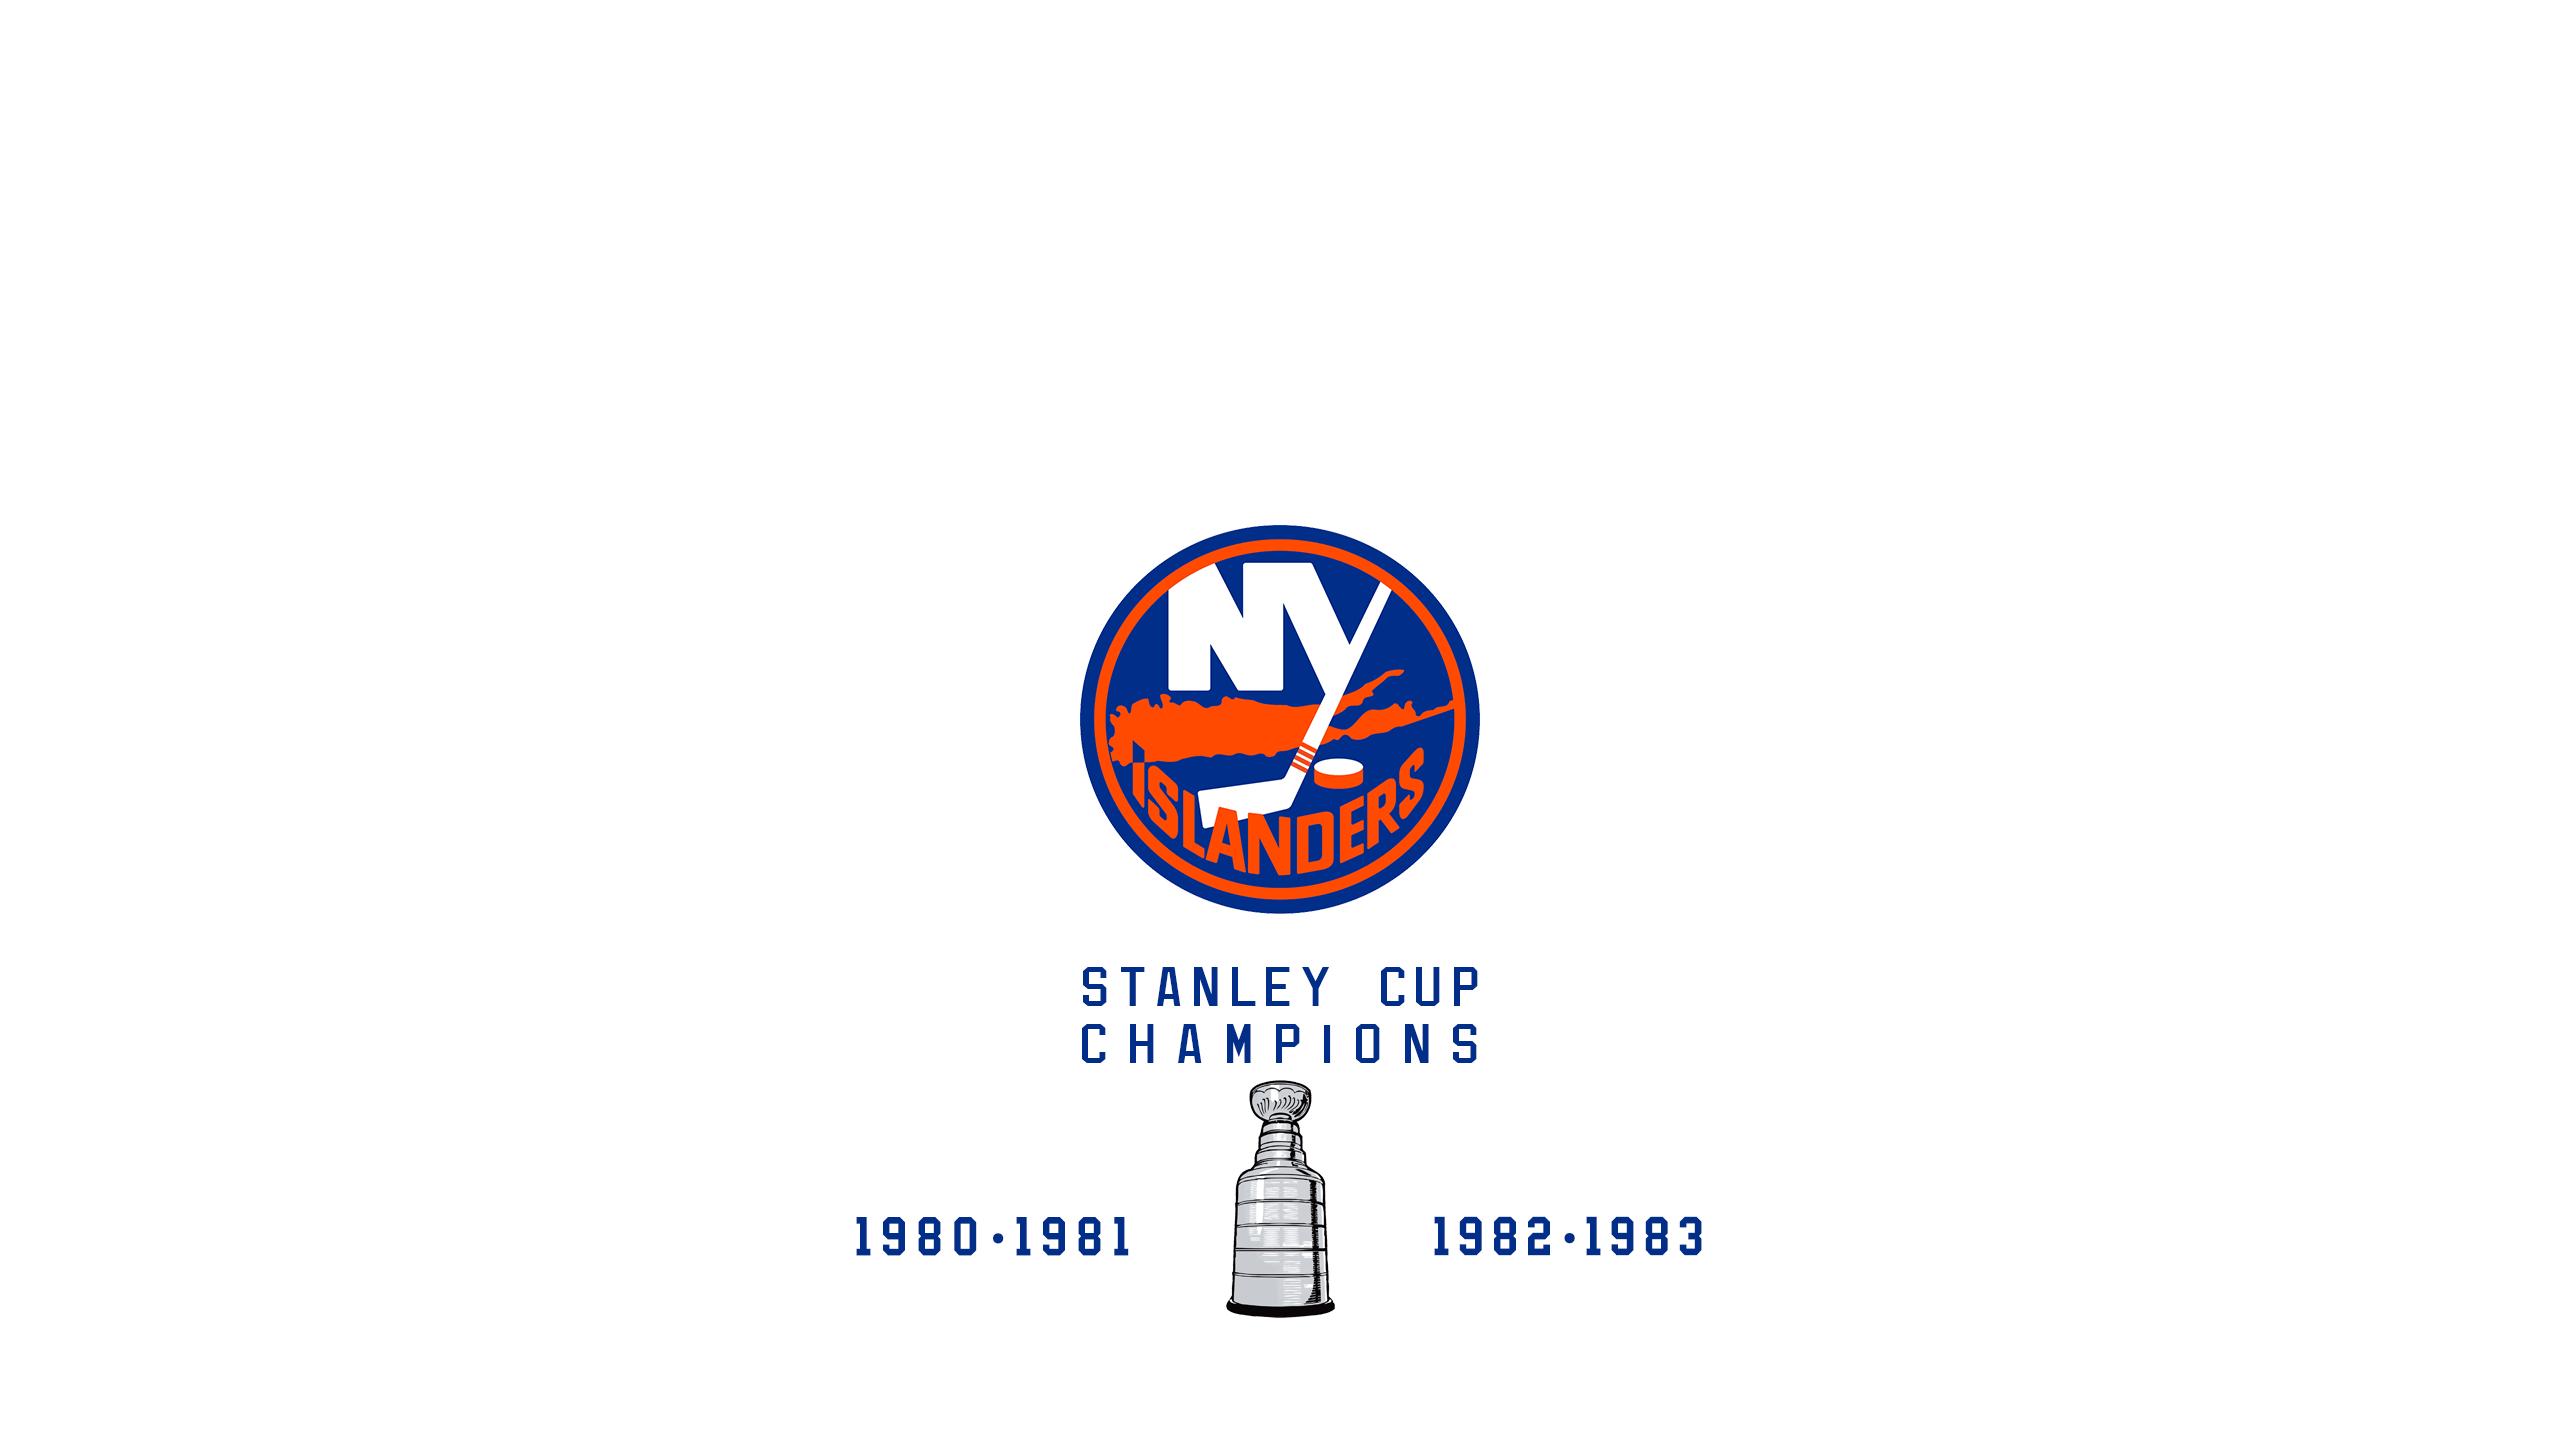 New York Islanders - Stanley Cup